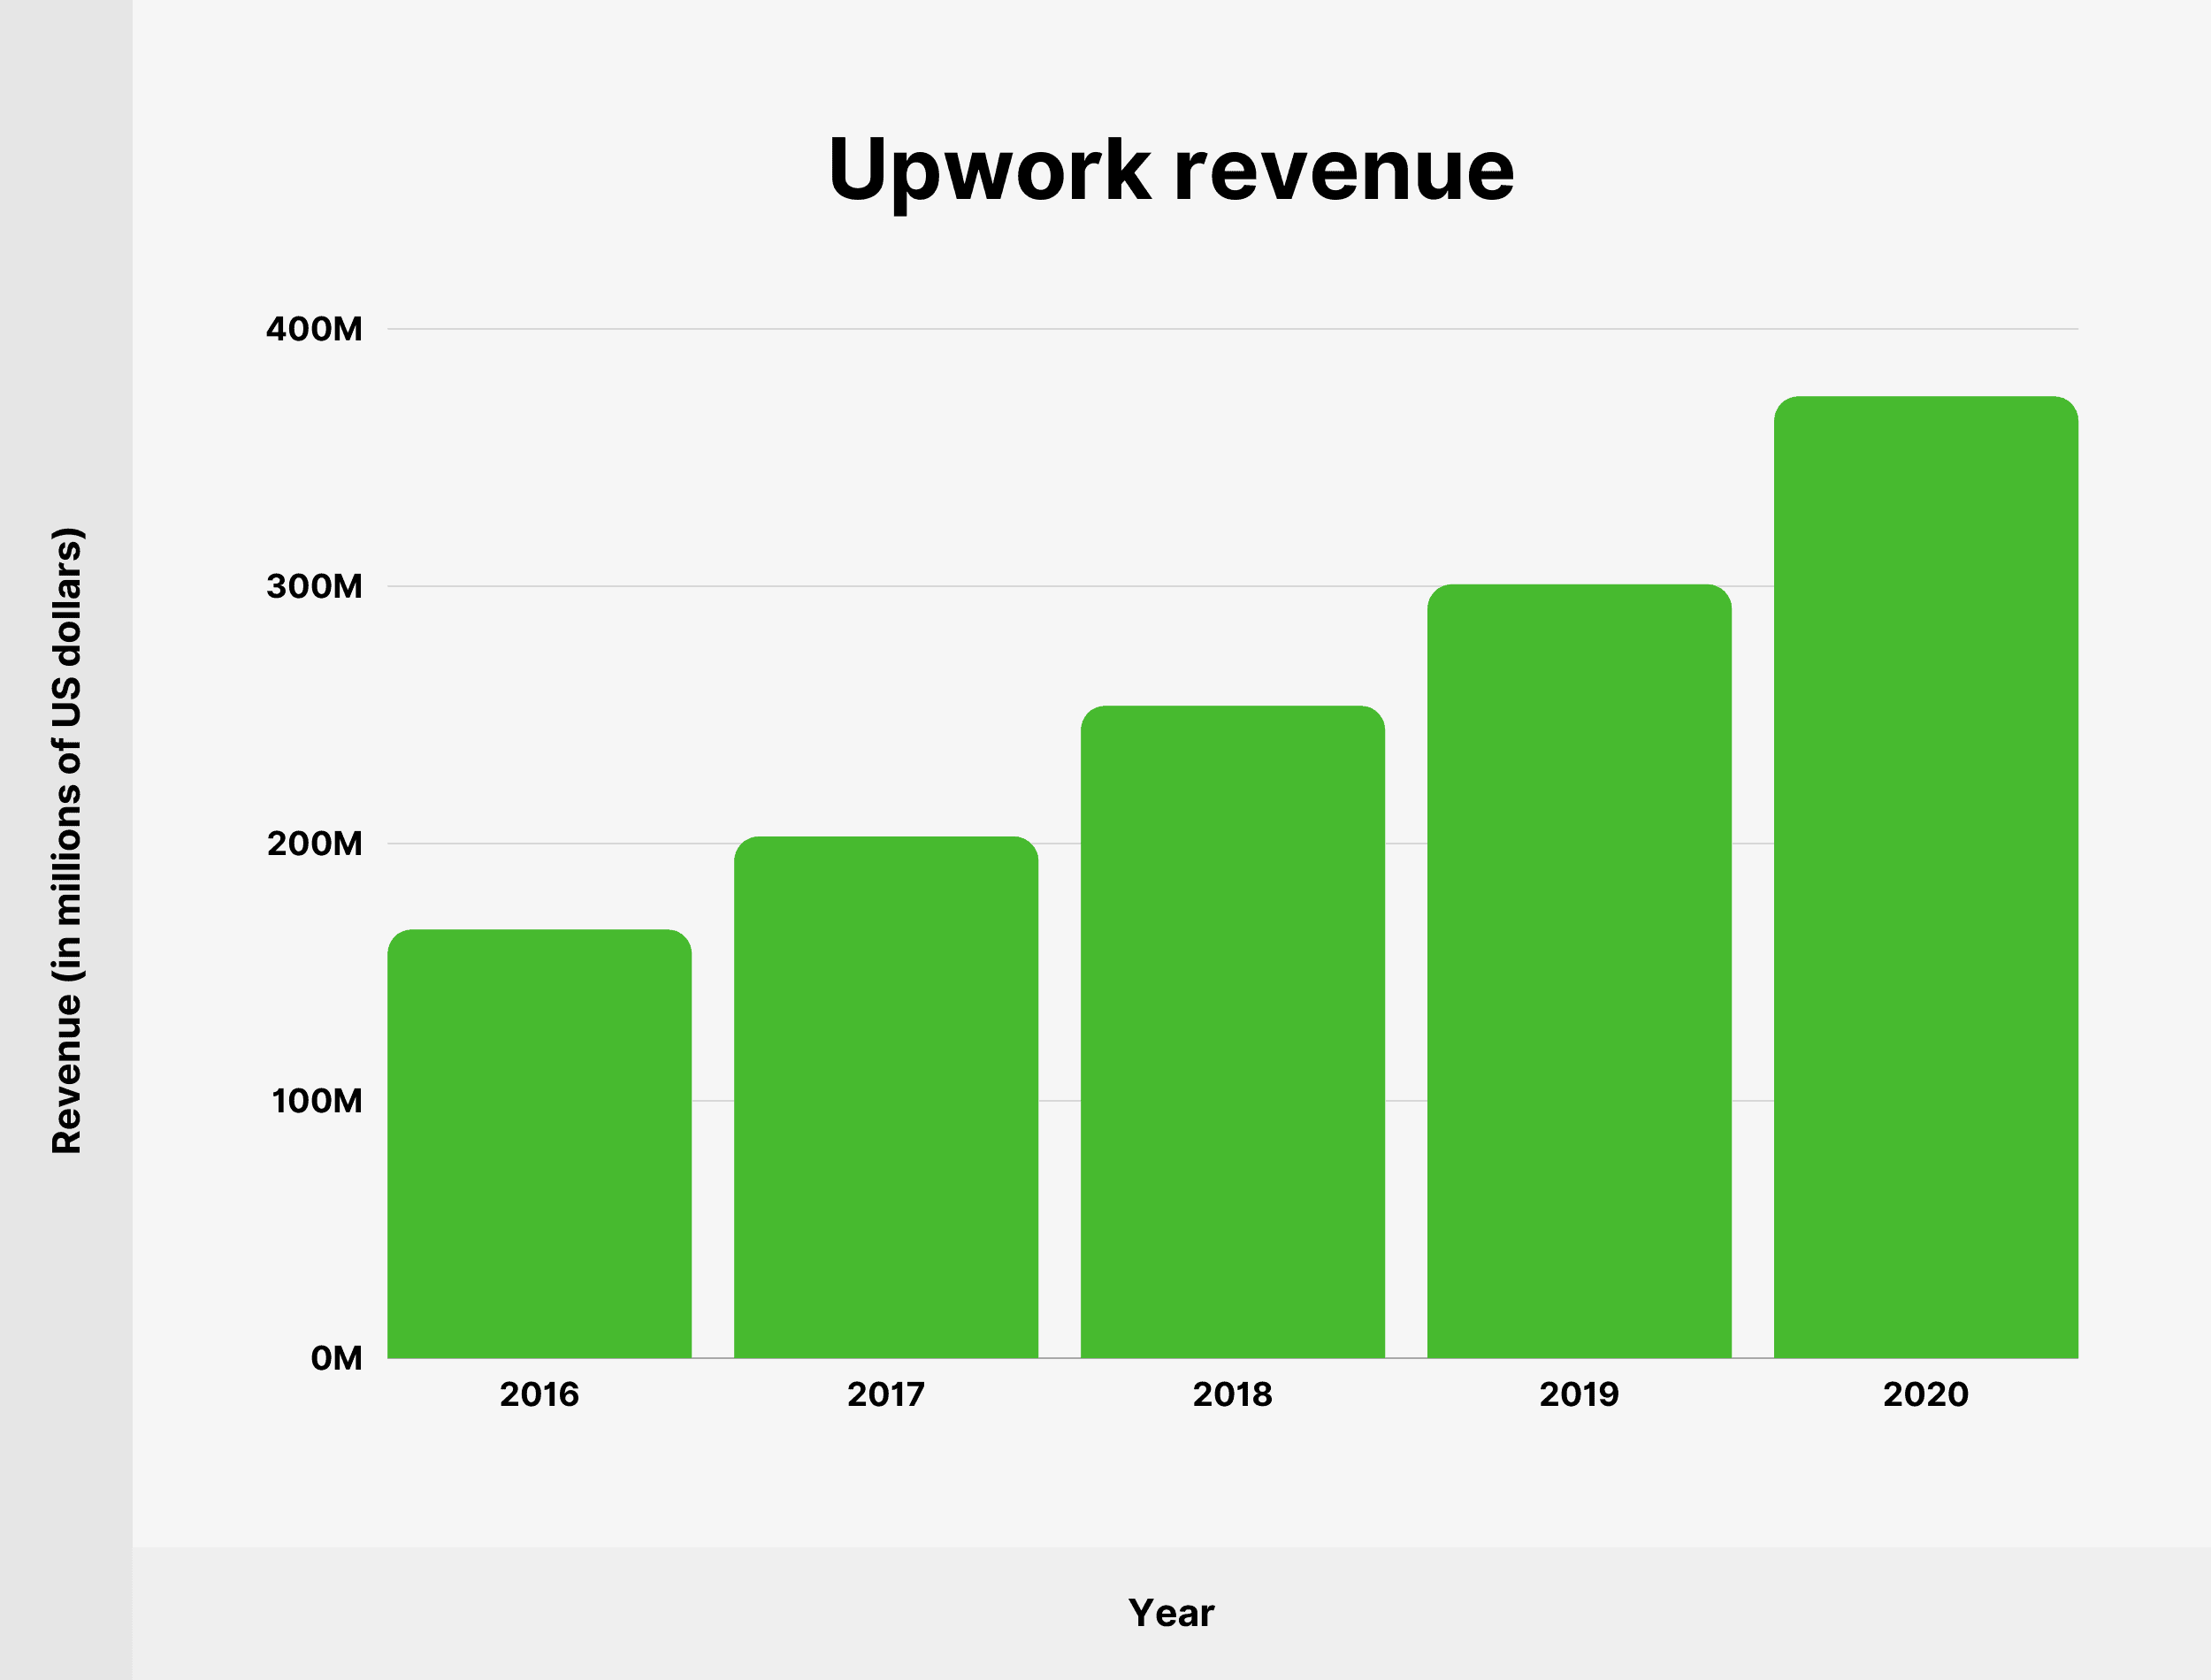 Upwork revenue